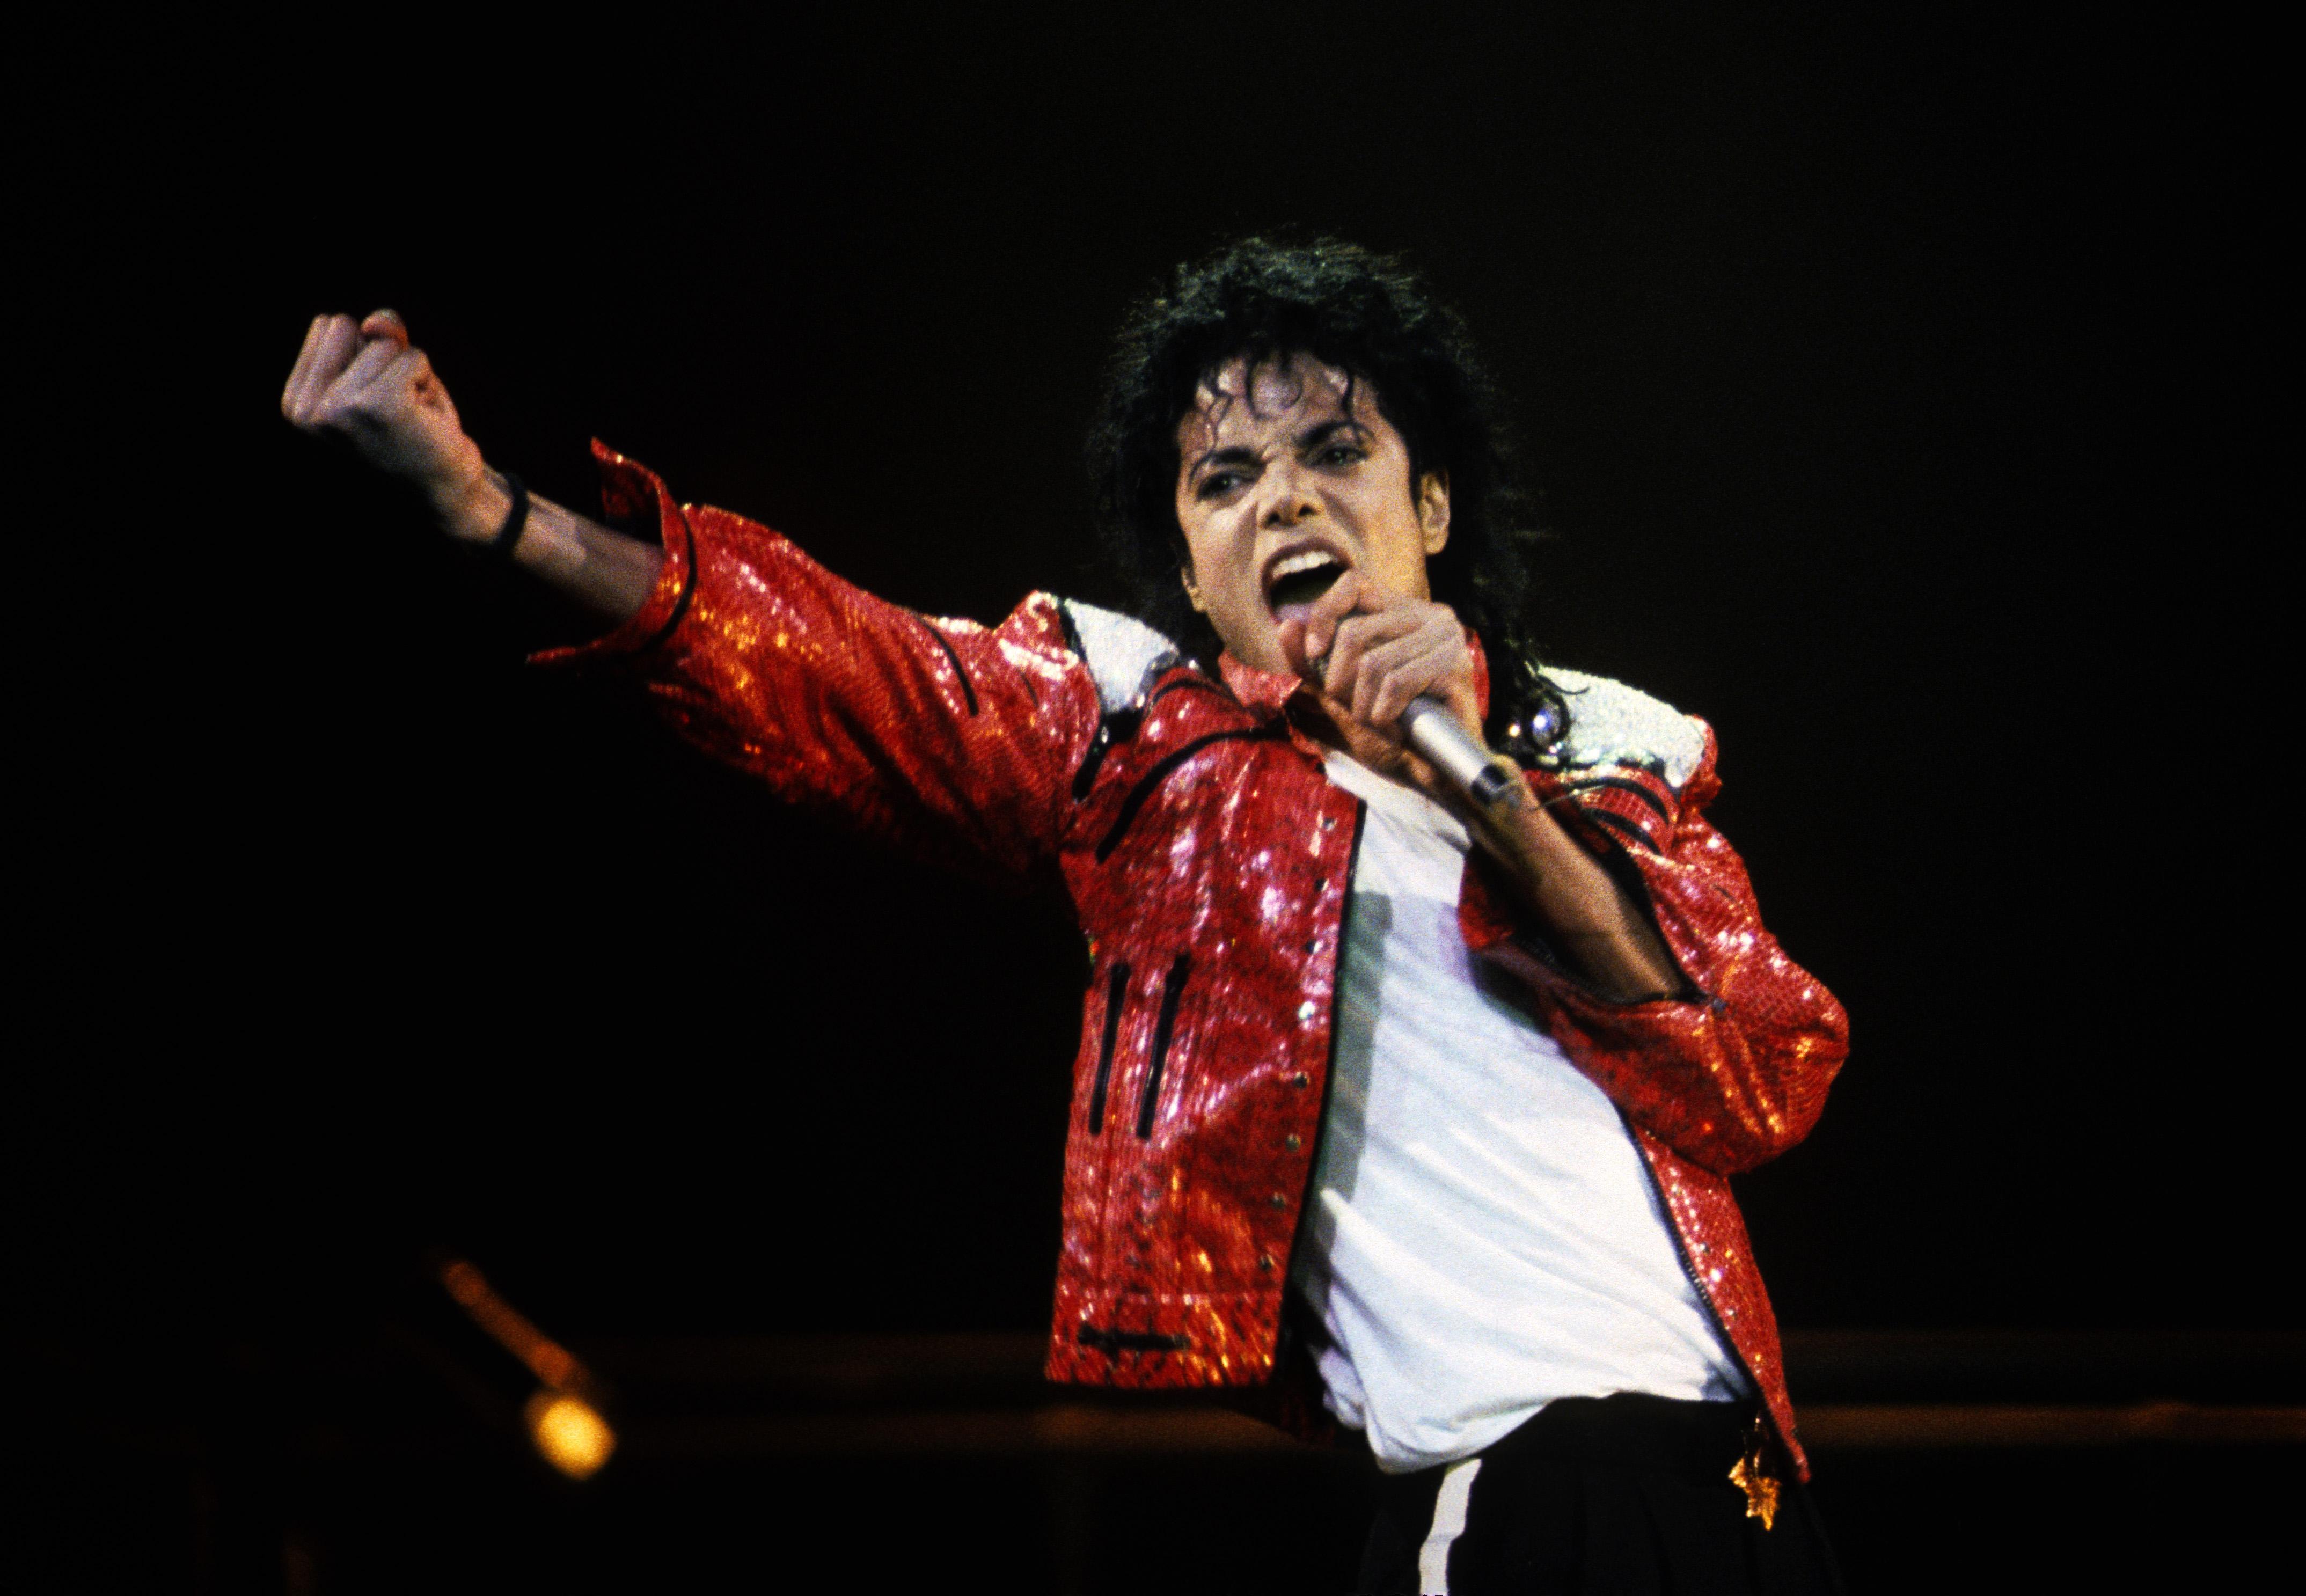 アメリカのエンターテイナーマイケル・ジャクソンのダンスまとめ!のサムネイル画像